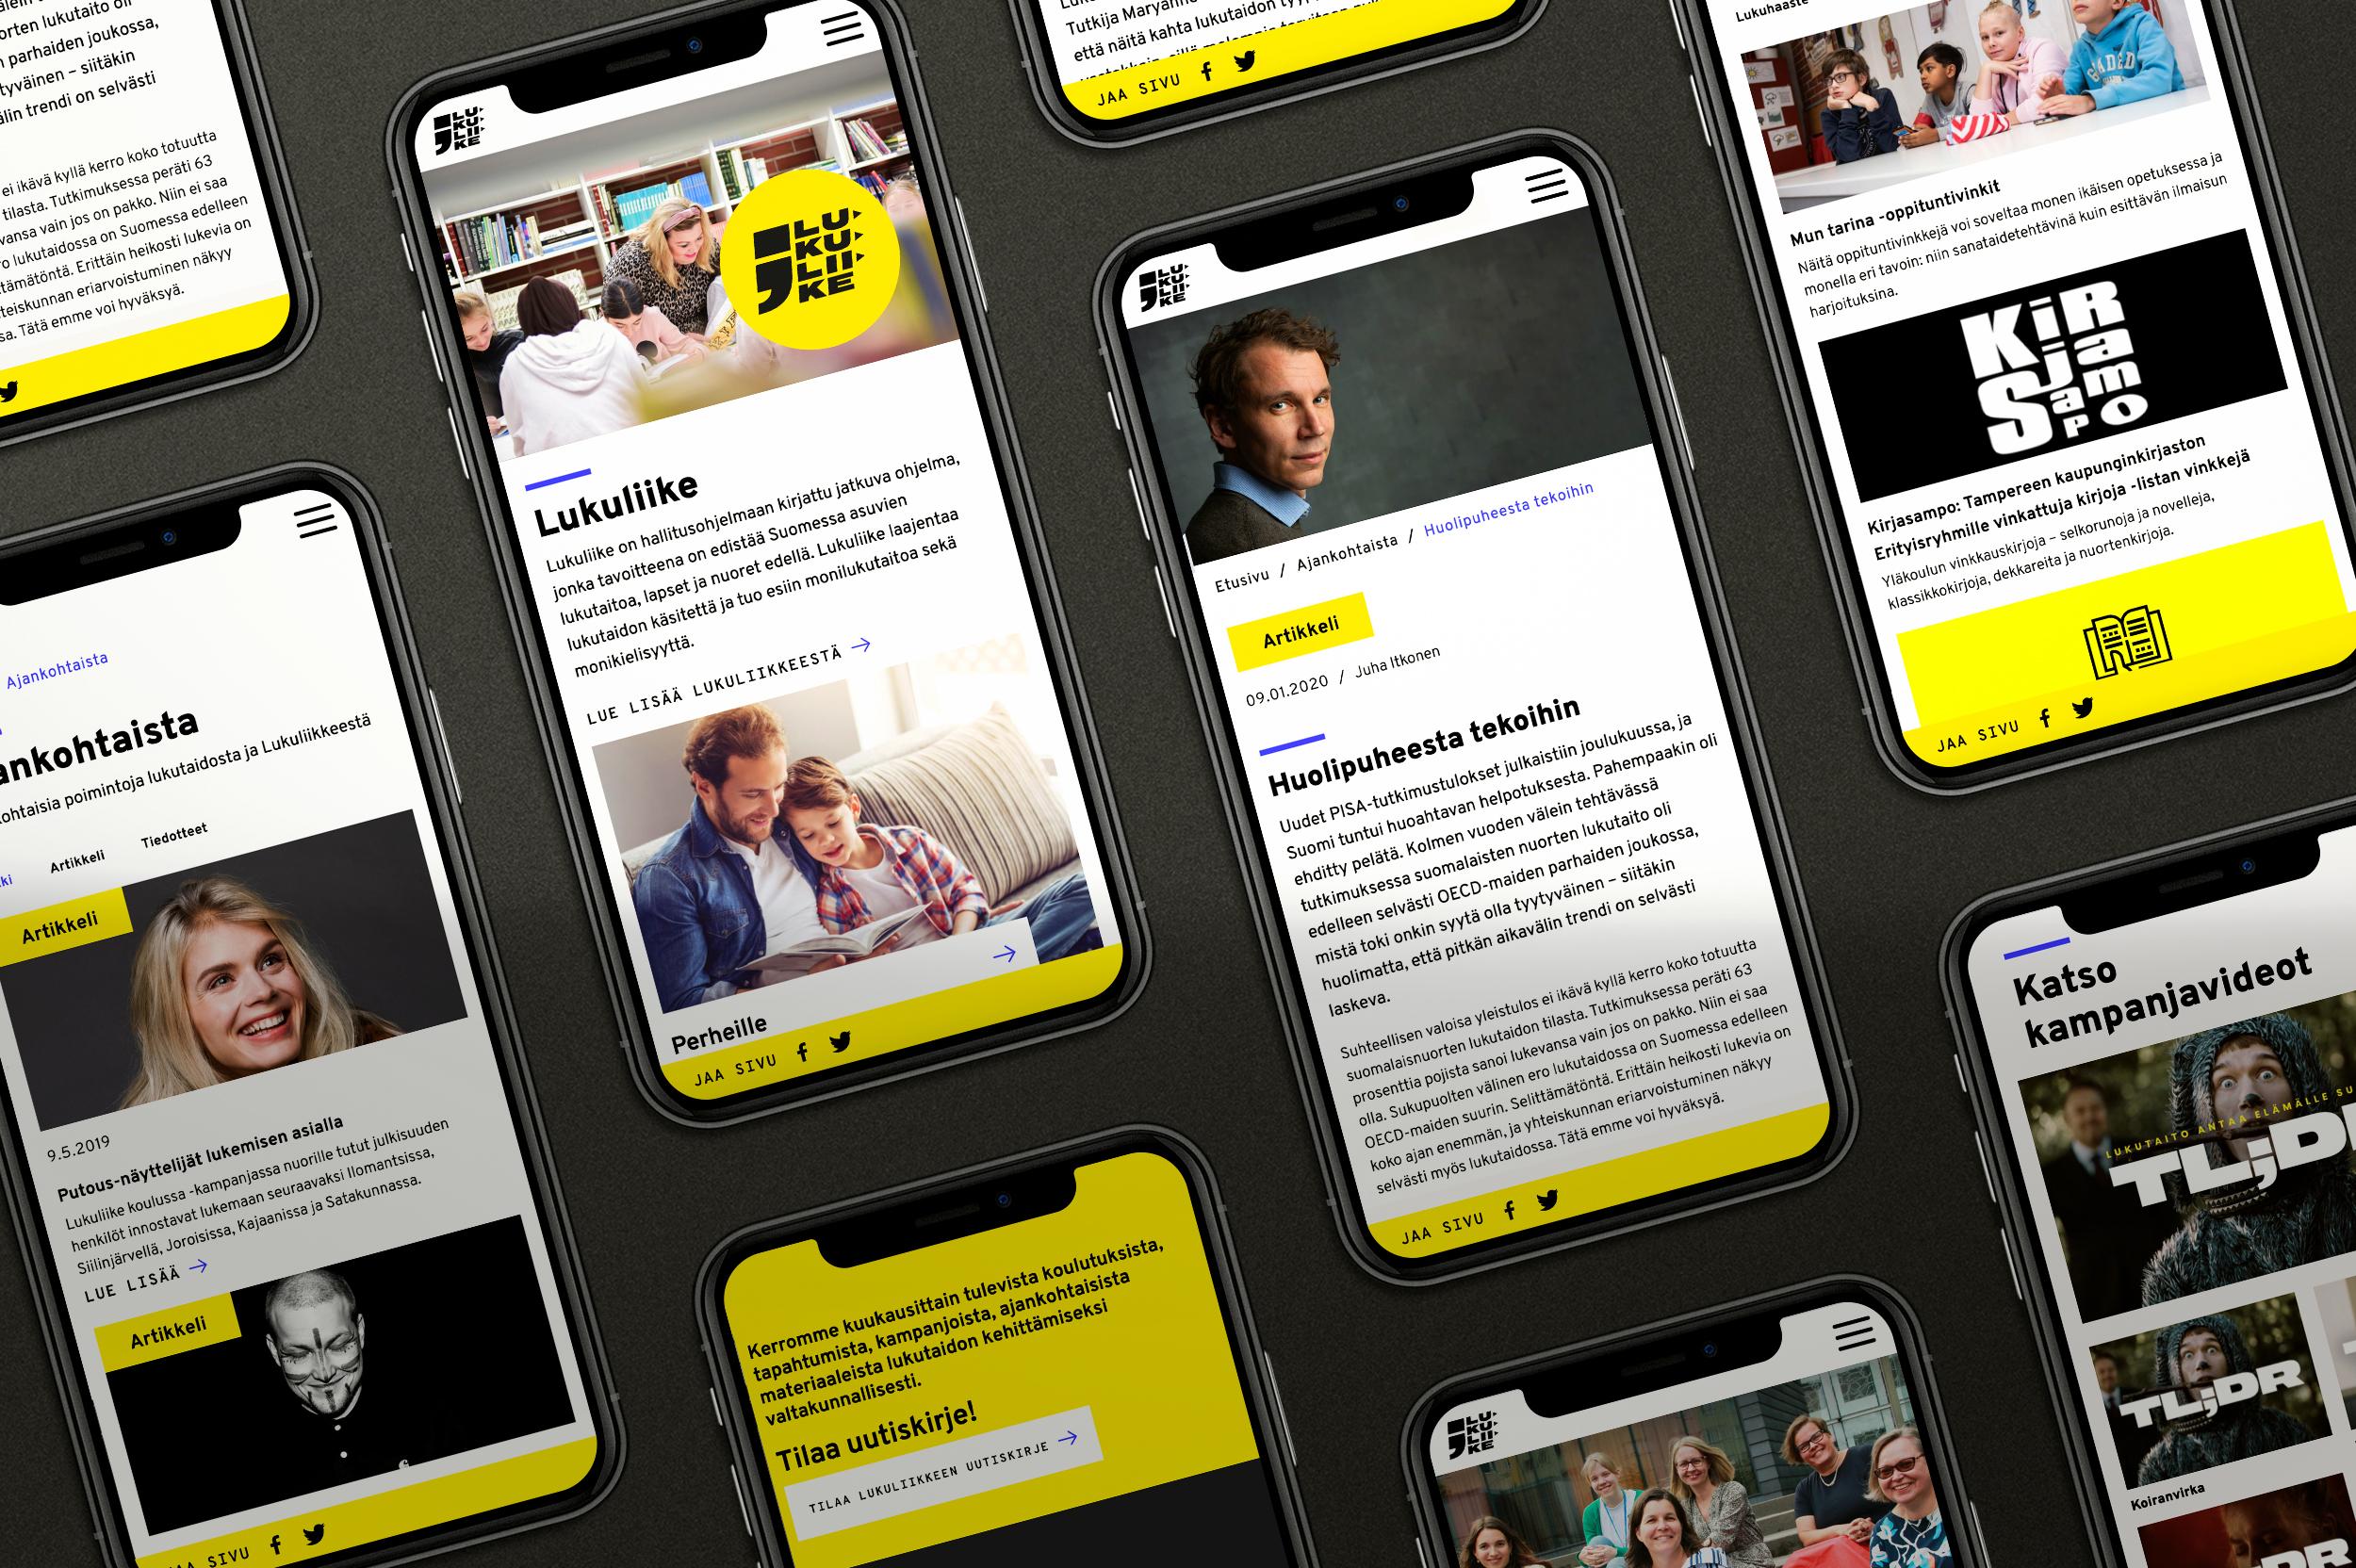 Lukuliike-sivuston mobiilinäkymiä iphonen ruudulla